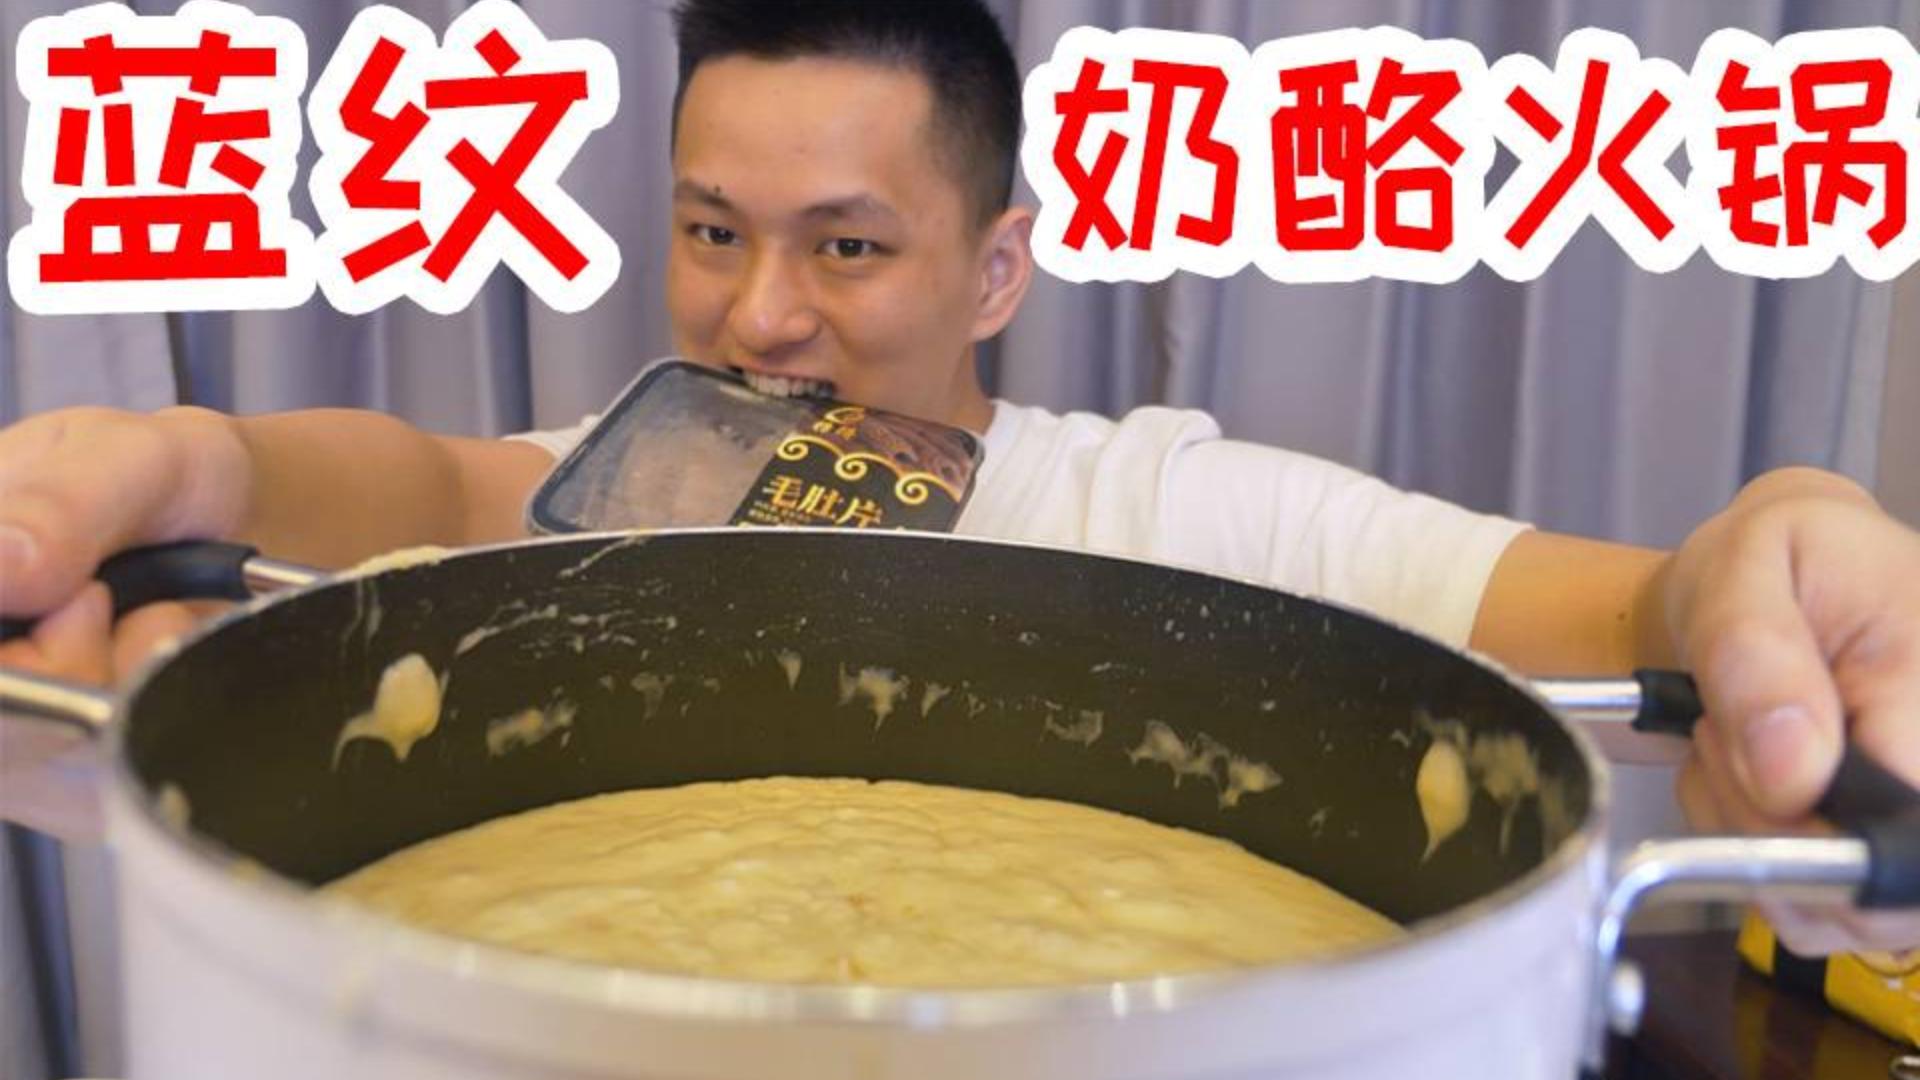 小伙在家做美味奶酪火锅,当毛肚下锅后一切都变了